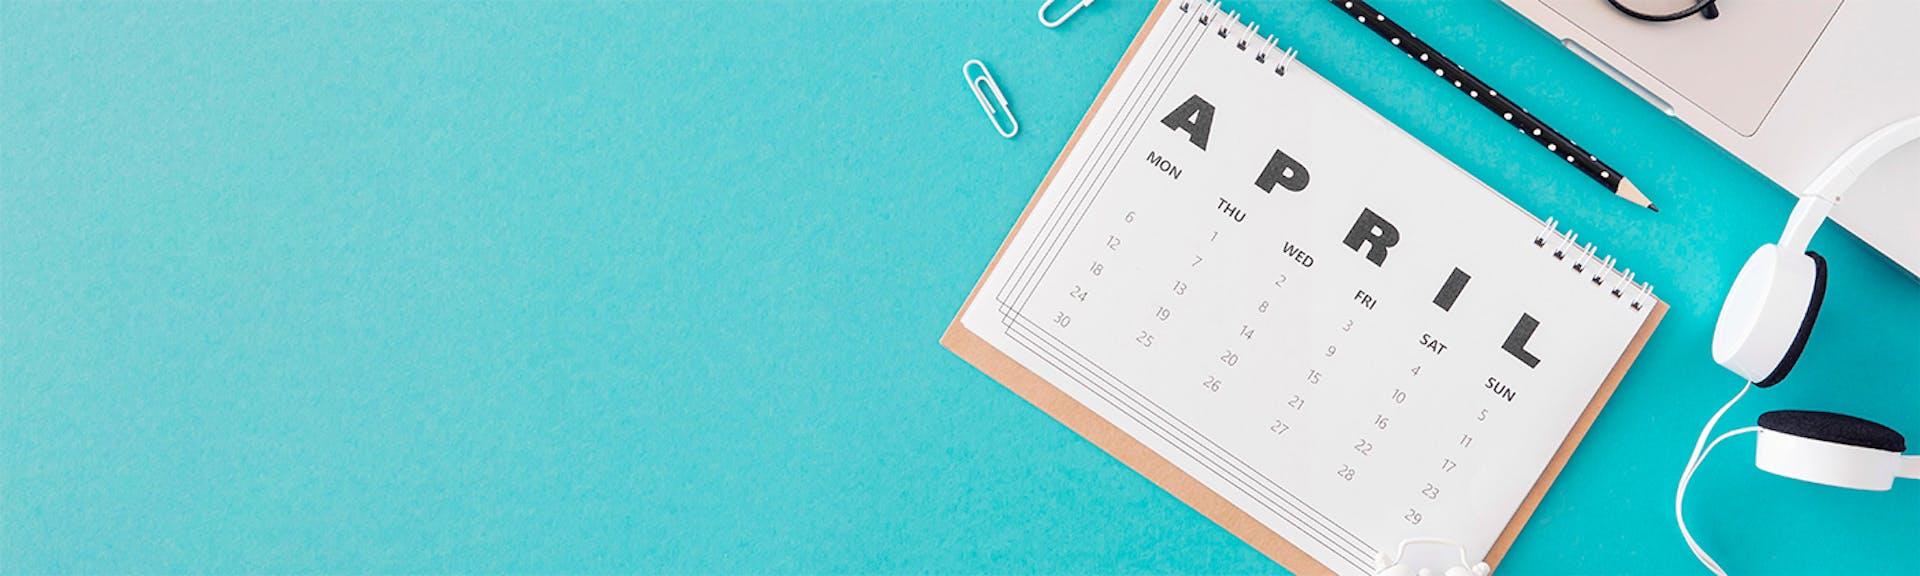 ¿Cómo hacer un calendario con fotos? ¡Personaliza todos los meses del año!